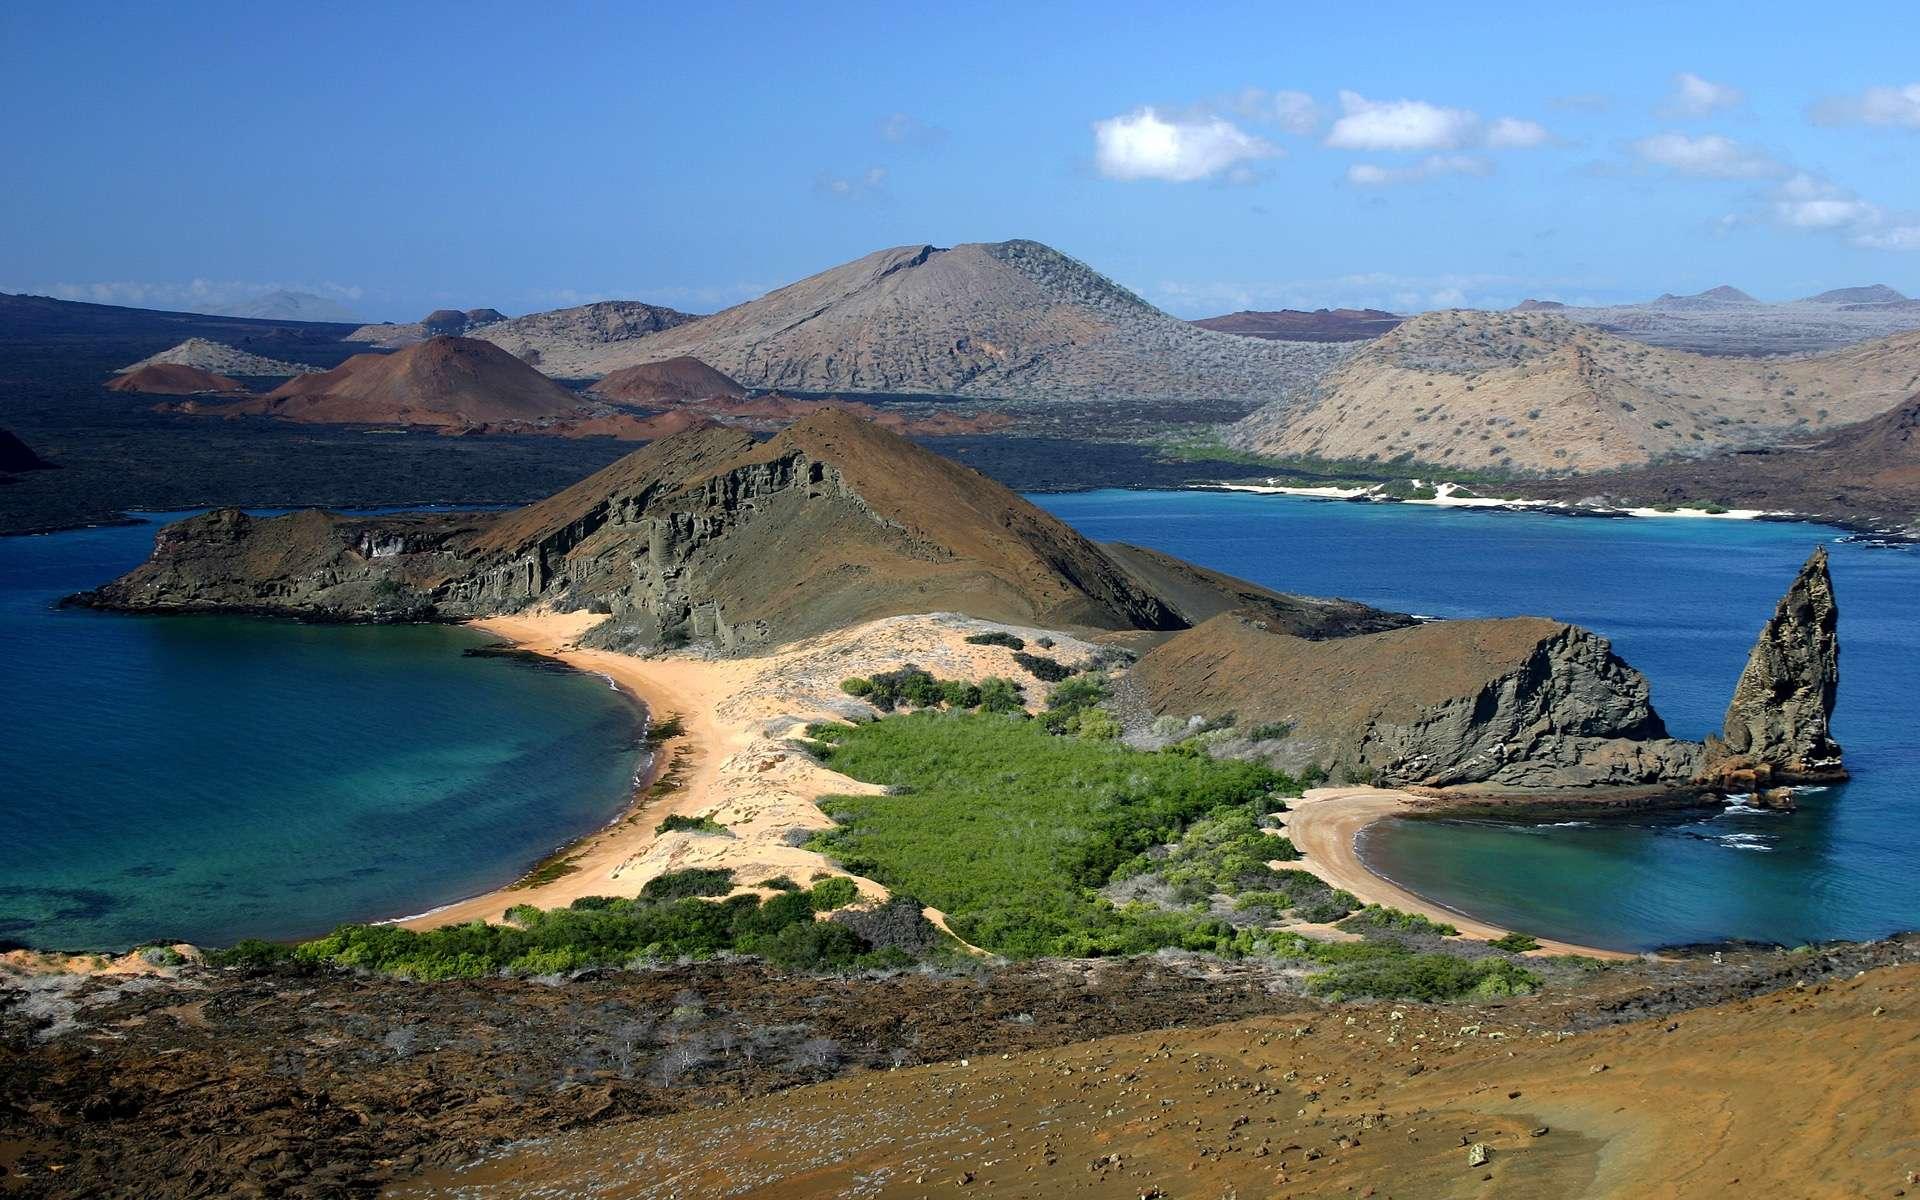 L'archipel des Galapagos et son parc national renferment l'un des écosystèmes les plus fragiles mais aussi les plus riches du monde. Trente nouvelles espèces marines y ont été découvertes. © Alexander, Adobe Stock